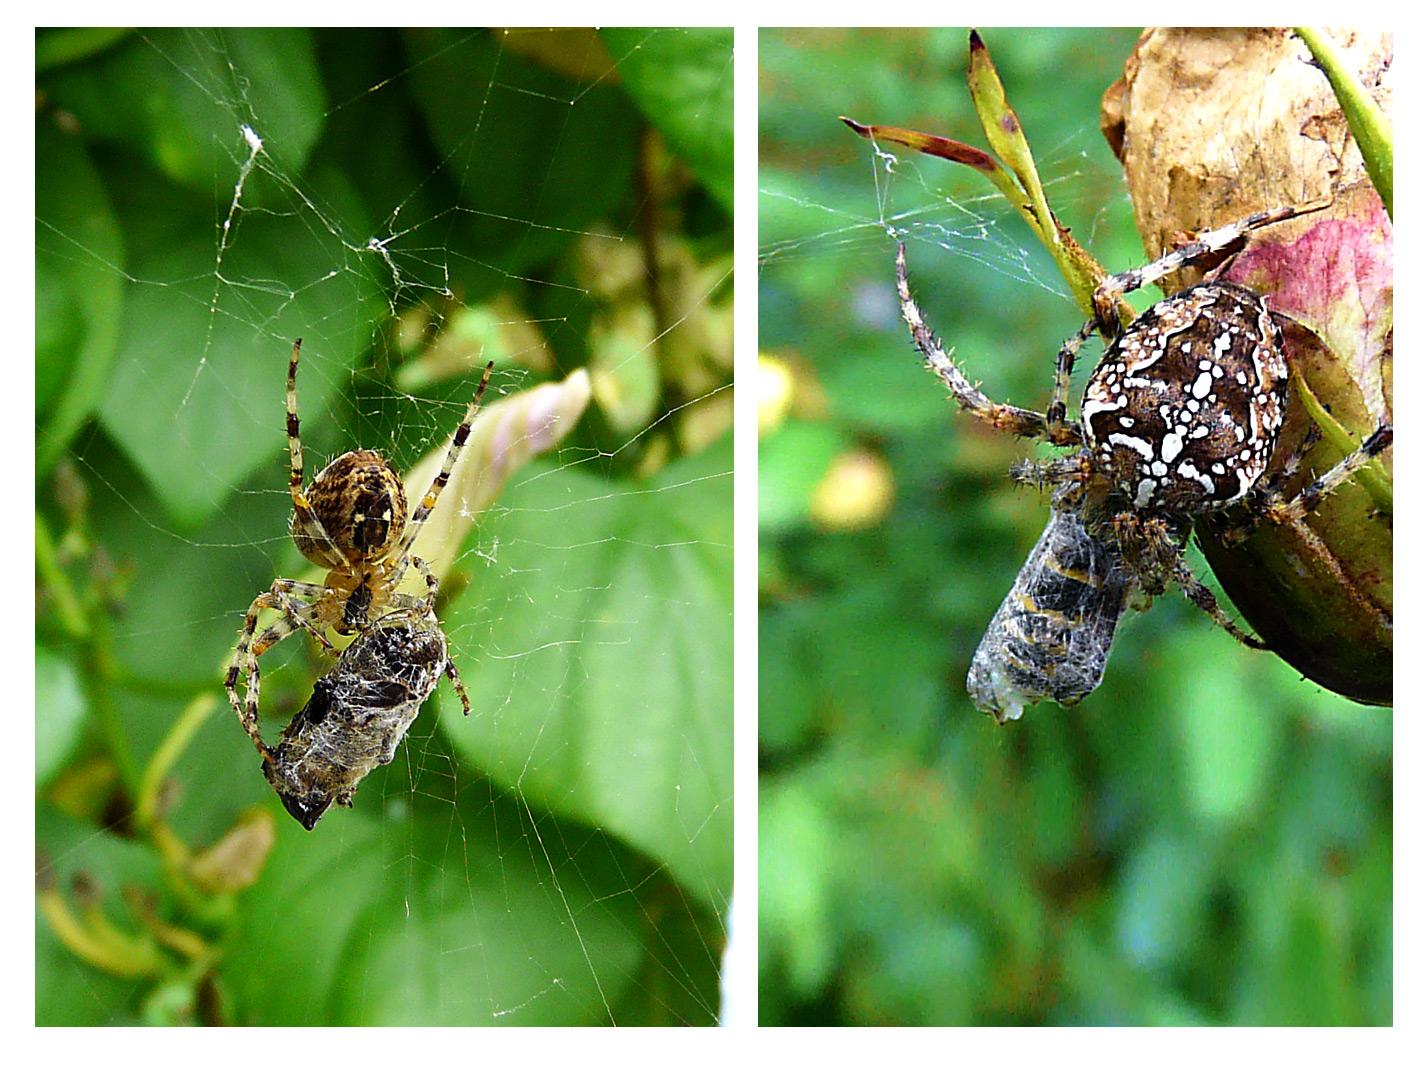 2 Spinnen - Futter auf Vorrat - So kann das Opfer nie entkommen